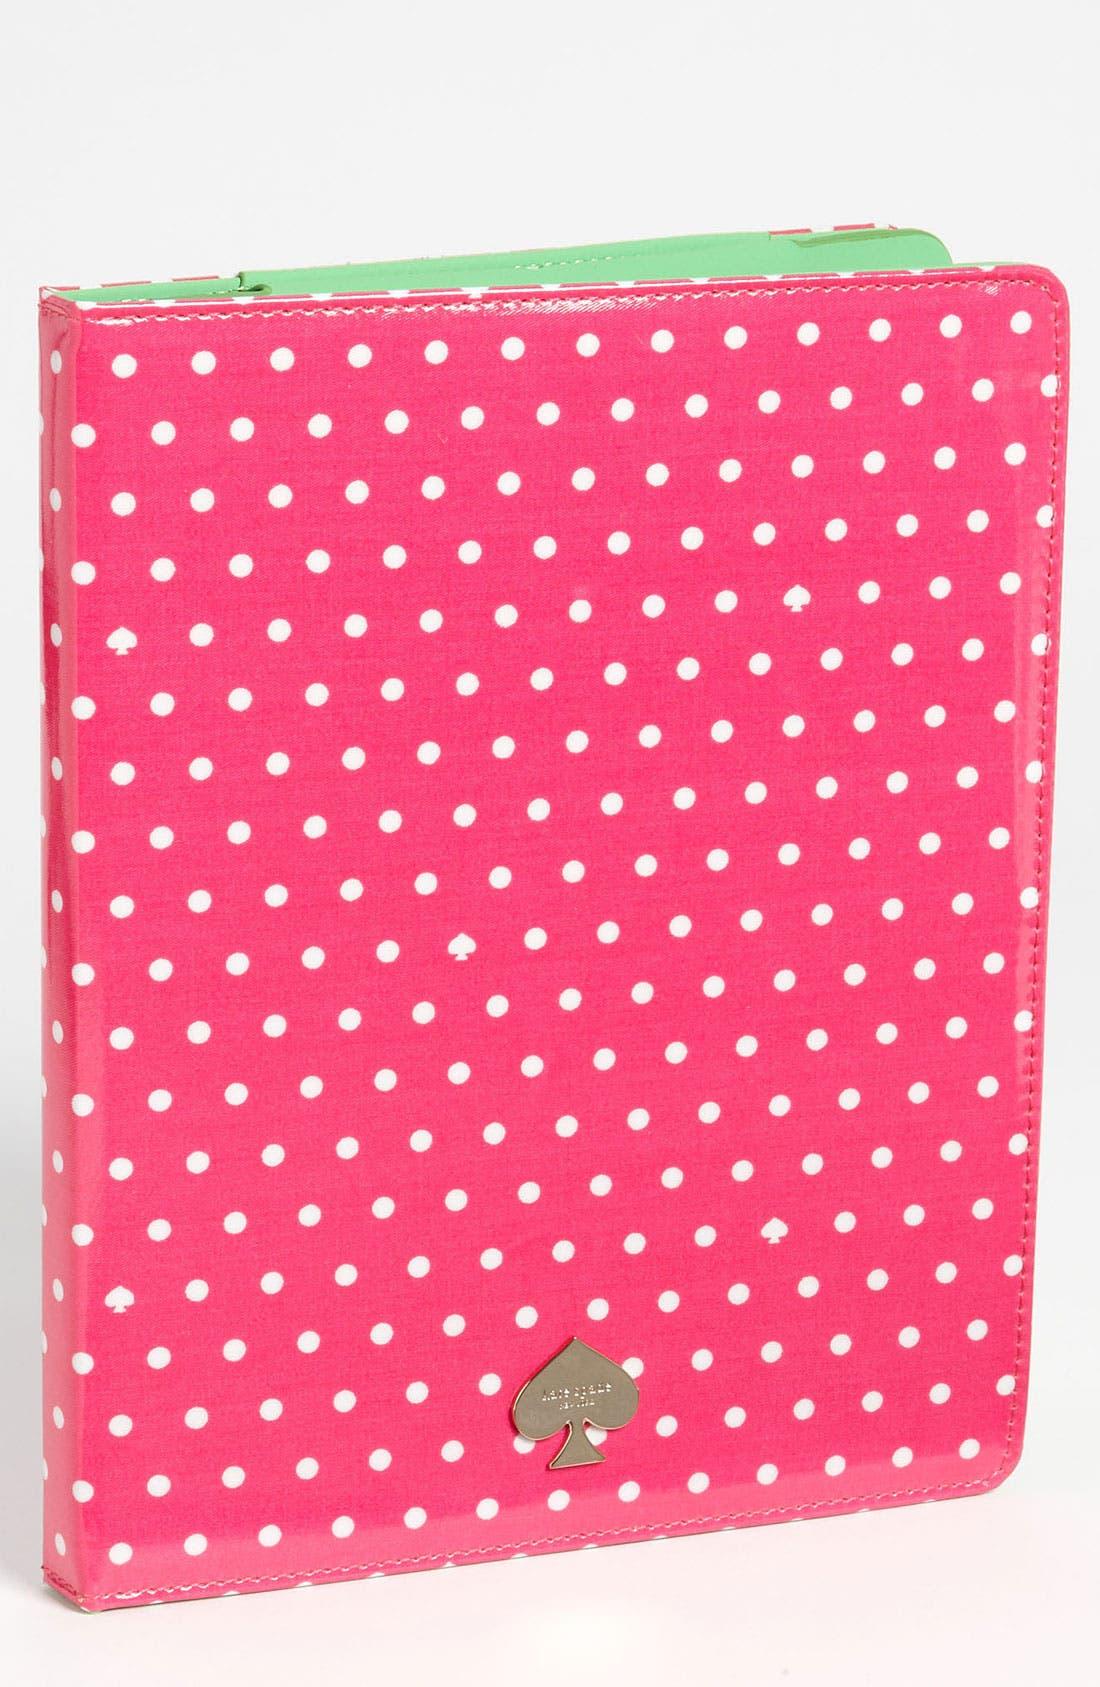 Main Image - kate spade new york 'dots and spades' iPad folio